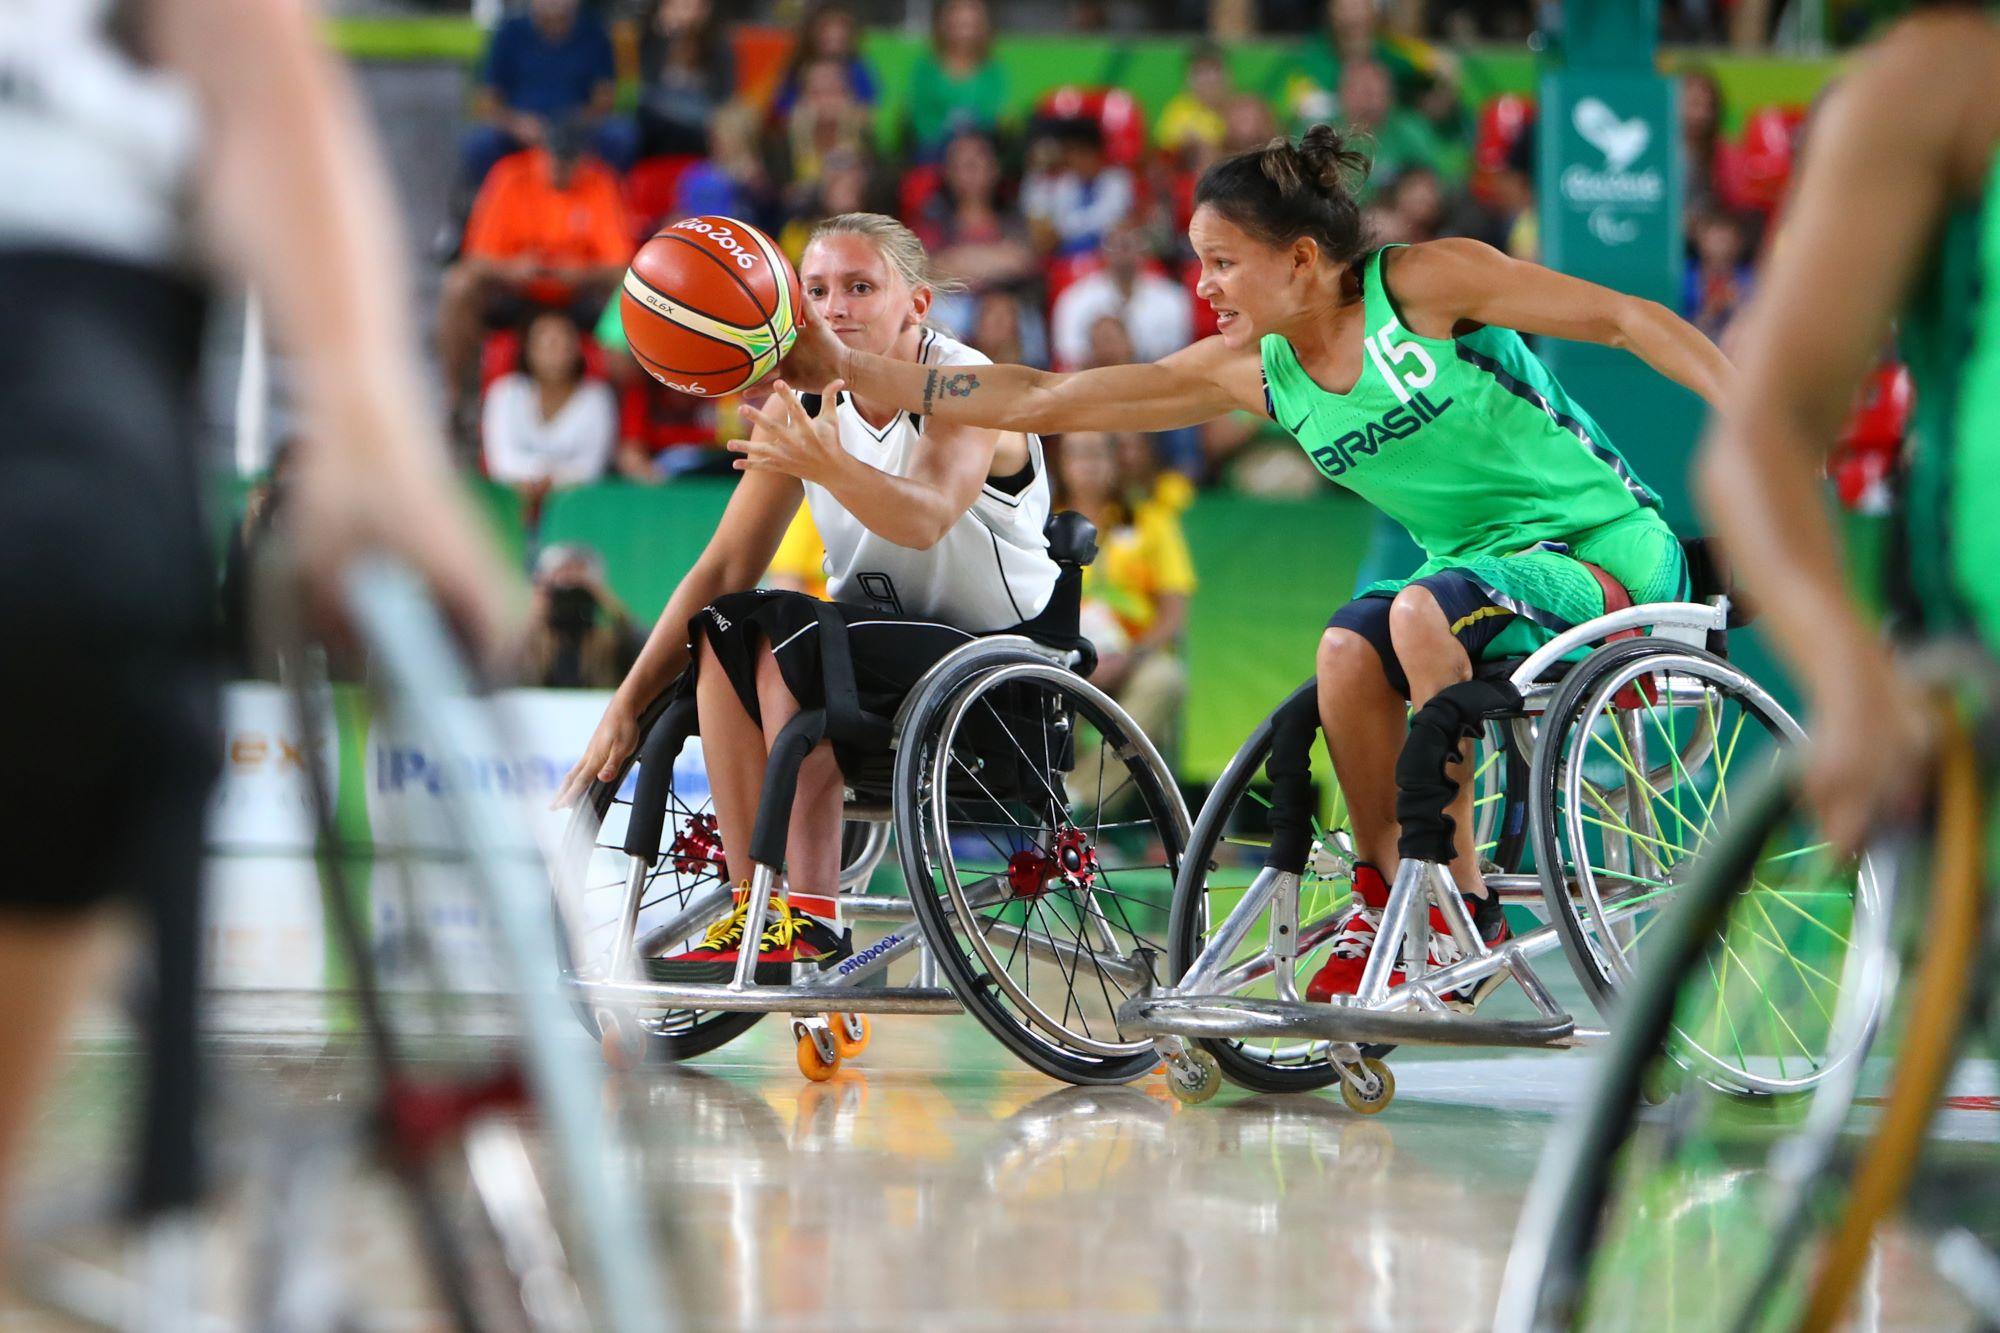 Joueuses de basket fauteuil lors du match Allemagne-Brésil aux Jeux Paralymiques de Rio 2016